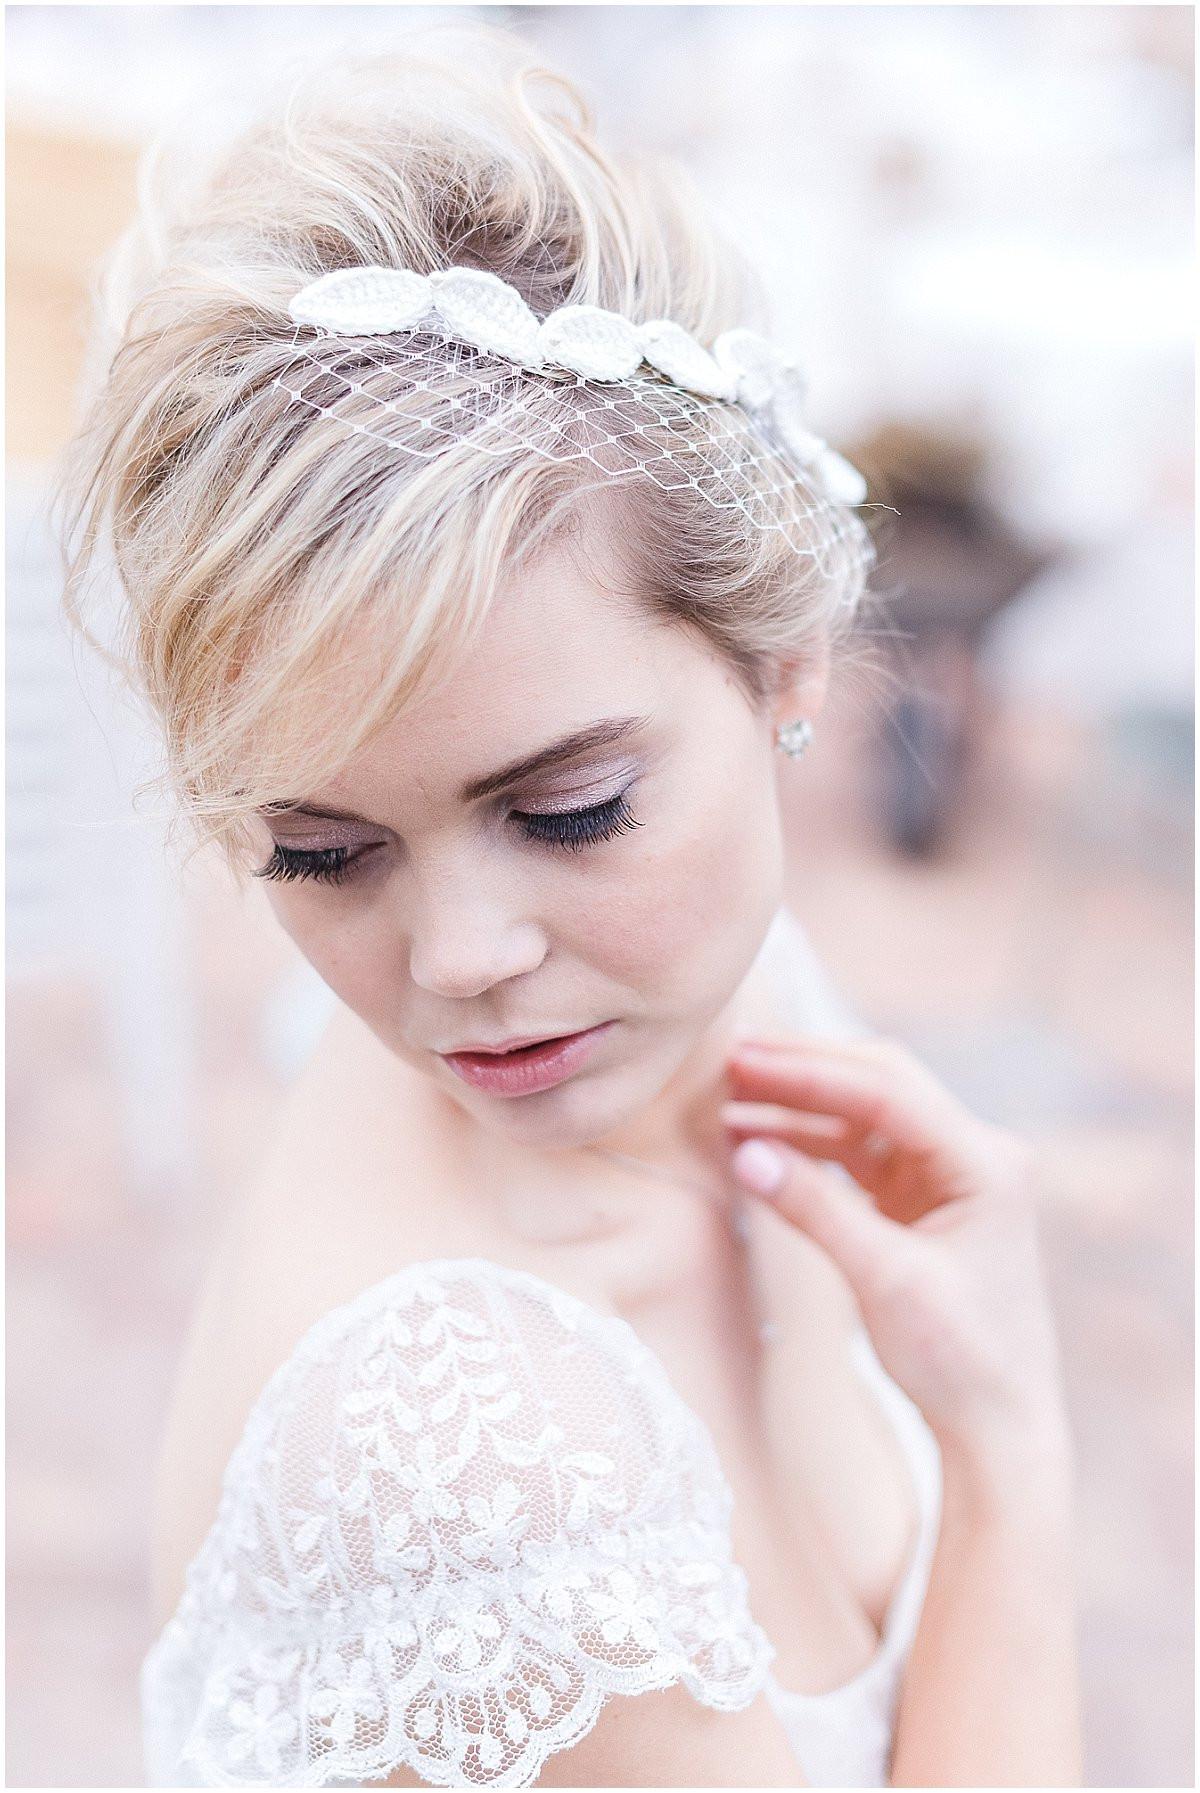 Hochzeit Schleier  Die große Frage Schleier oder kein Headpiece zur Hochzeit